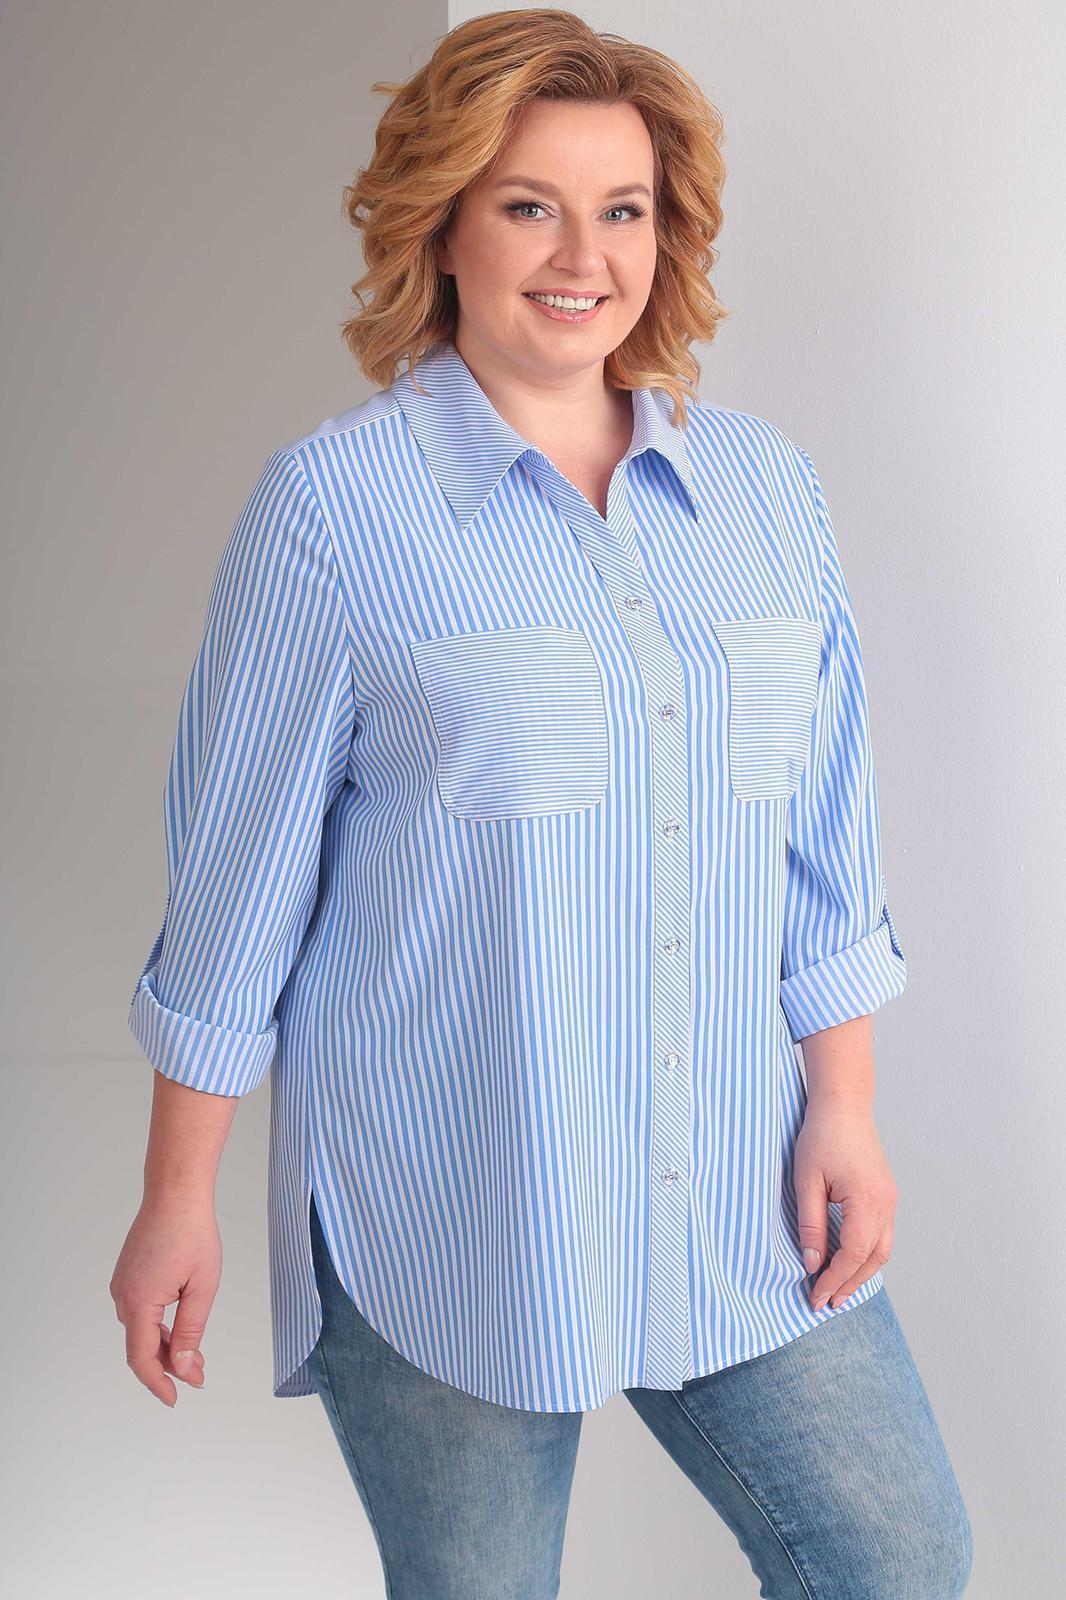 88d73a40a8ae Купить блузку в интернет-магазине в Минске. Недорогие женские блузки